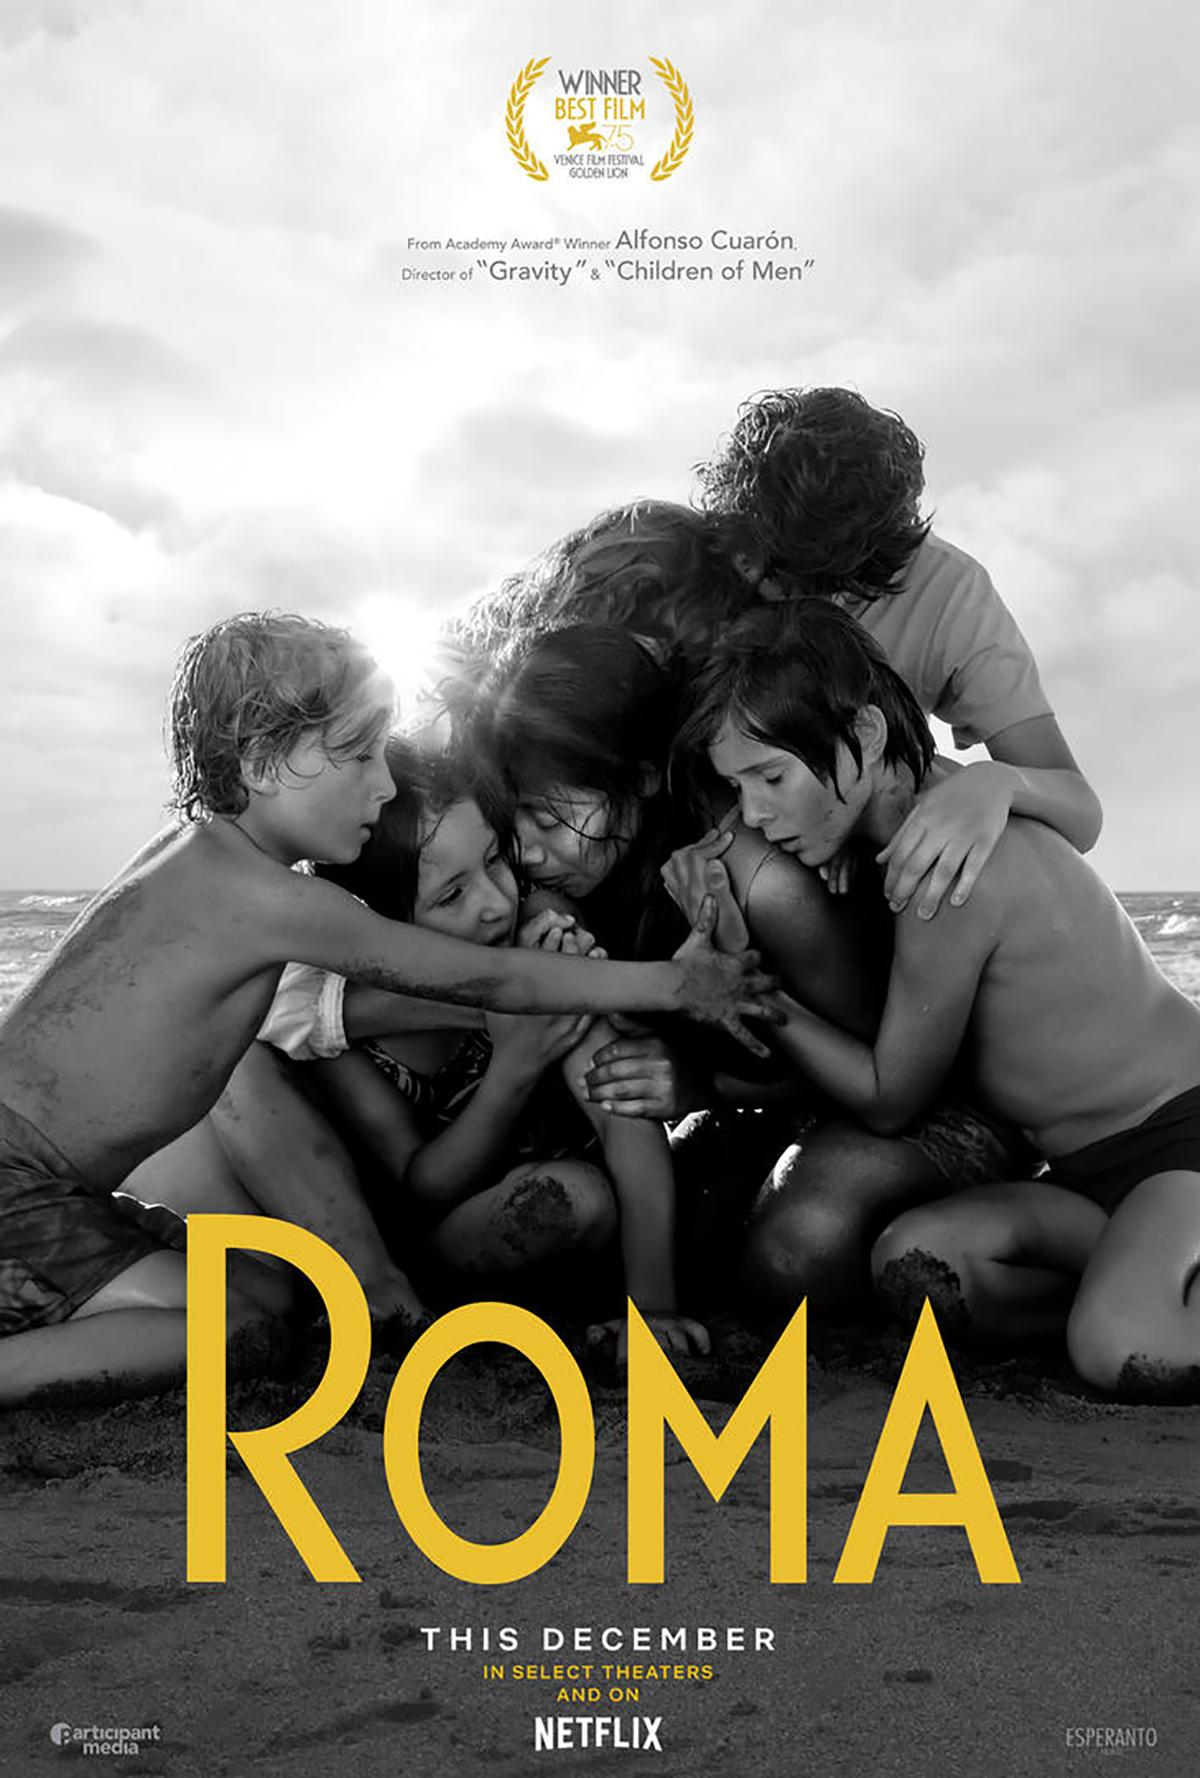 Roma tuvo su estreno en los cines a partir del 21 de noviembre en Los Ángeles, Nueva York y México. Se sumarán otras salas en ciudades de los Estados Unidos, Toronto y Londres el 29 de noviembr ...